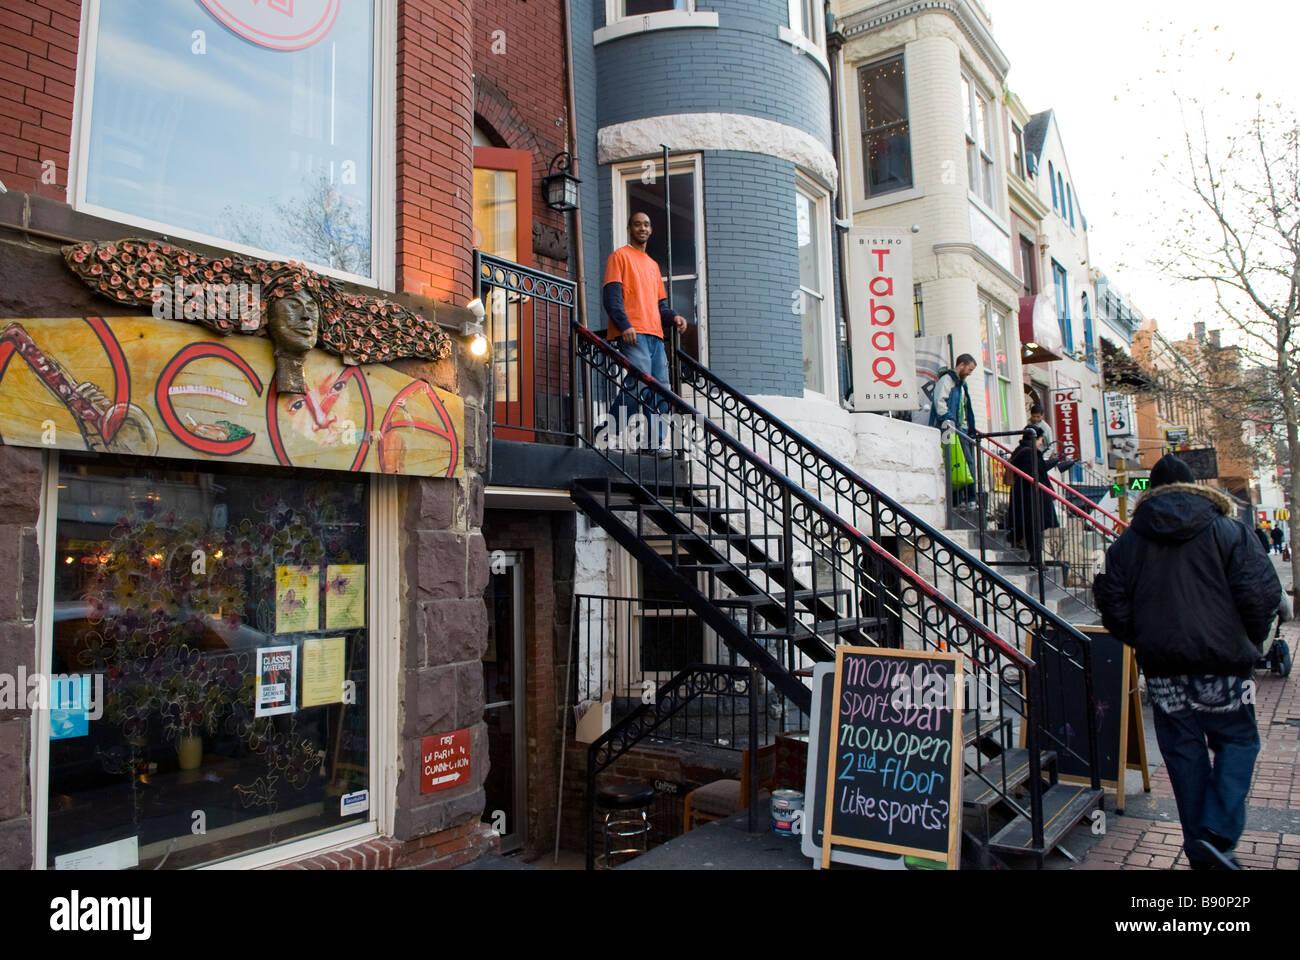 Striscia di bar ristoranti e negozi su U Street NW tra il XIII e il XIV Washington, Distretto di Columbia, Stati Uniti d'America, America del Nord Foto Stock